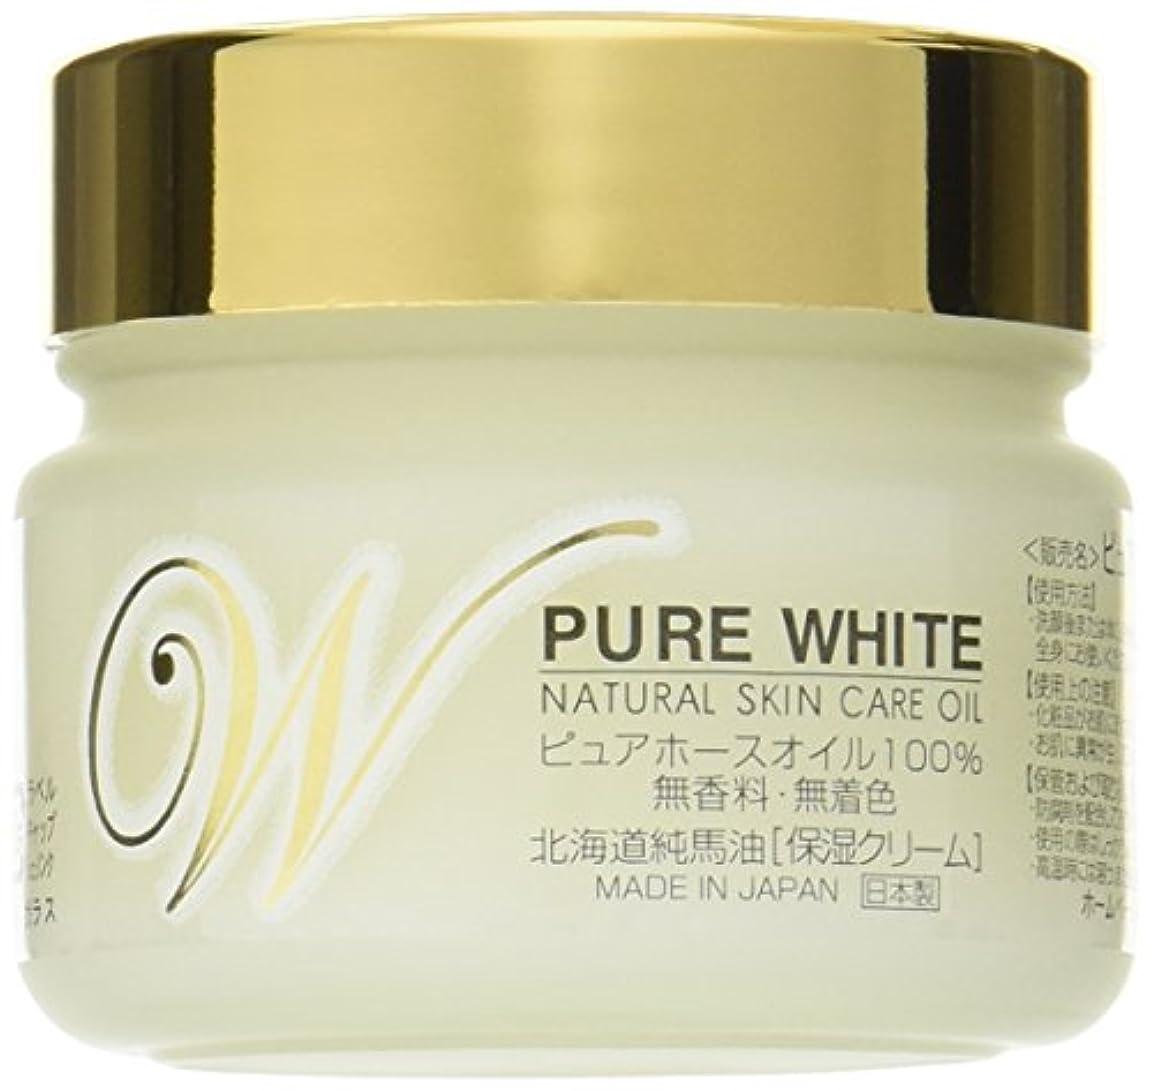 揃える見つけた大混乱北海道純馬油本舗 ピュアホワイト ピュアホースオイル100% 保湿クリーム 無香料無着色 100g